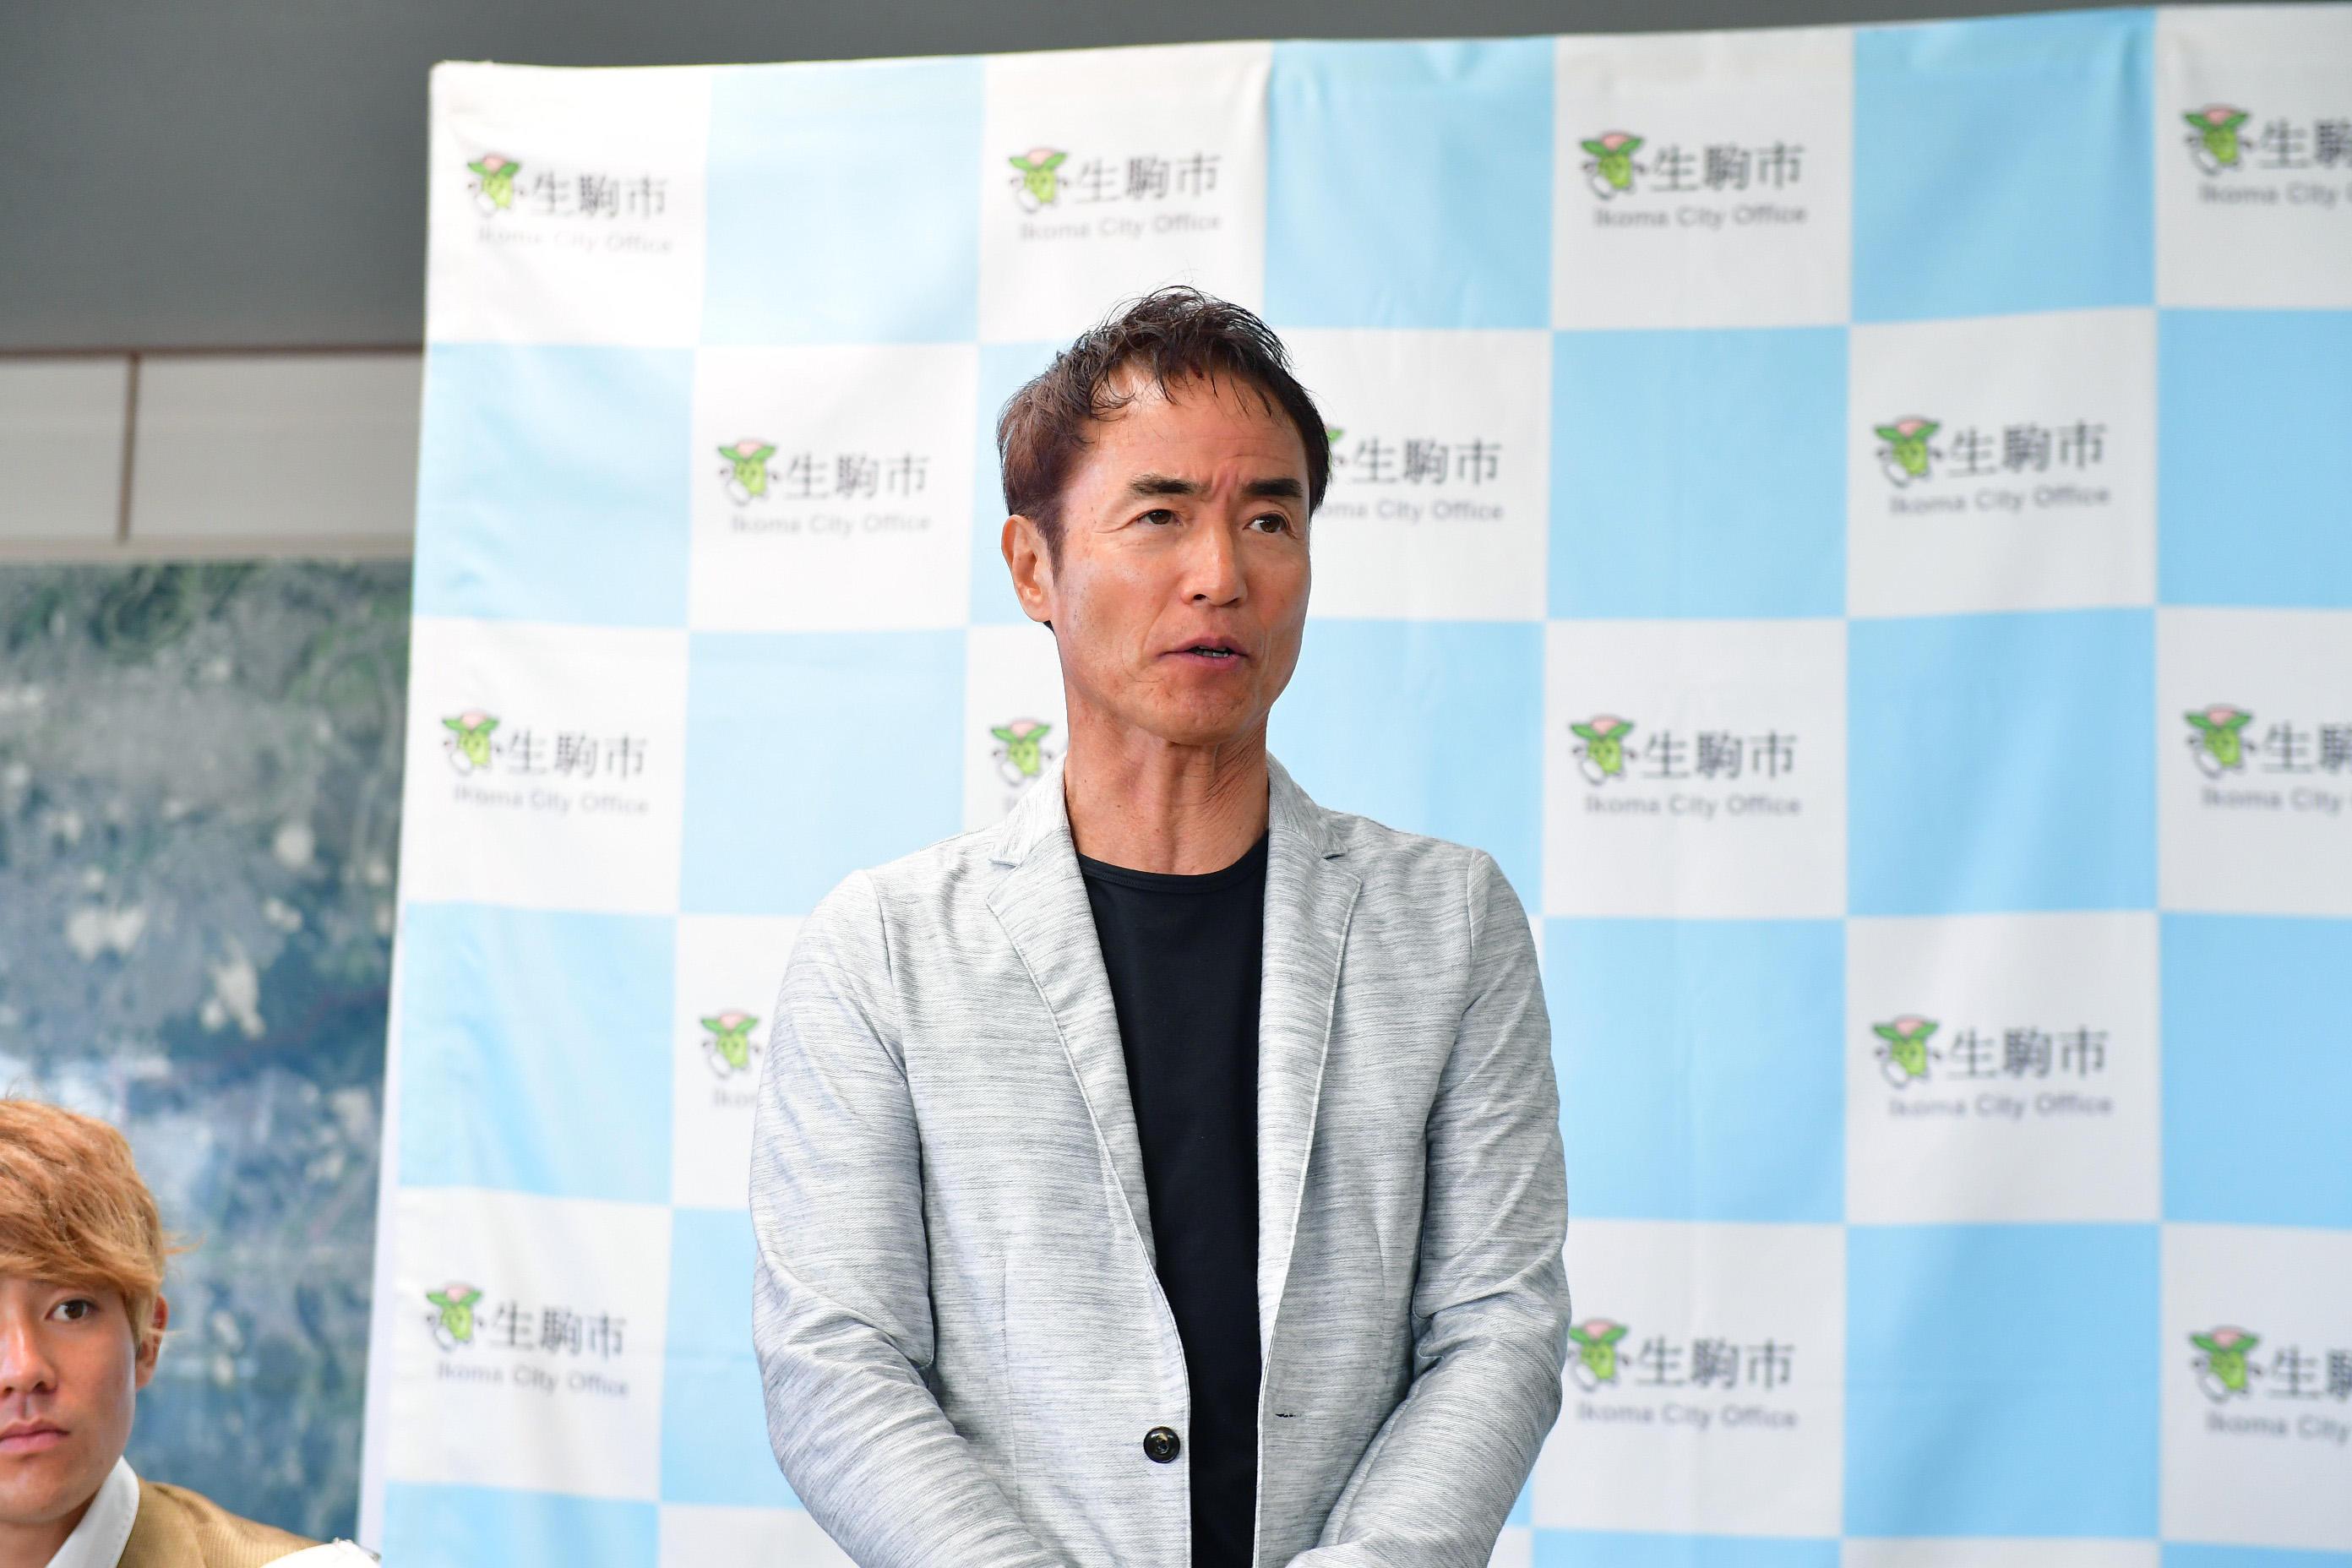 http://news.yoshimoto.co.jp/20180830004651-675bf59325fcb6c0d7fad2d9c09934dfec767d57.jpg